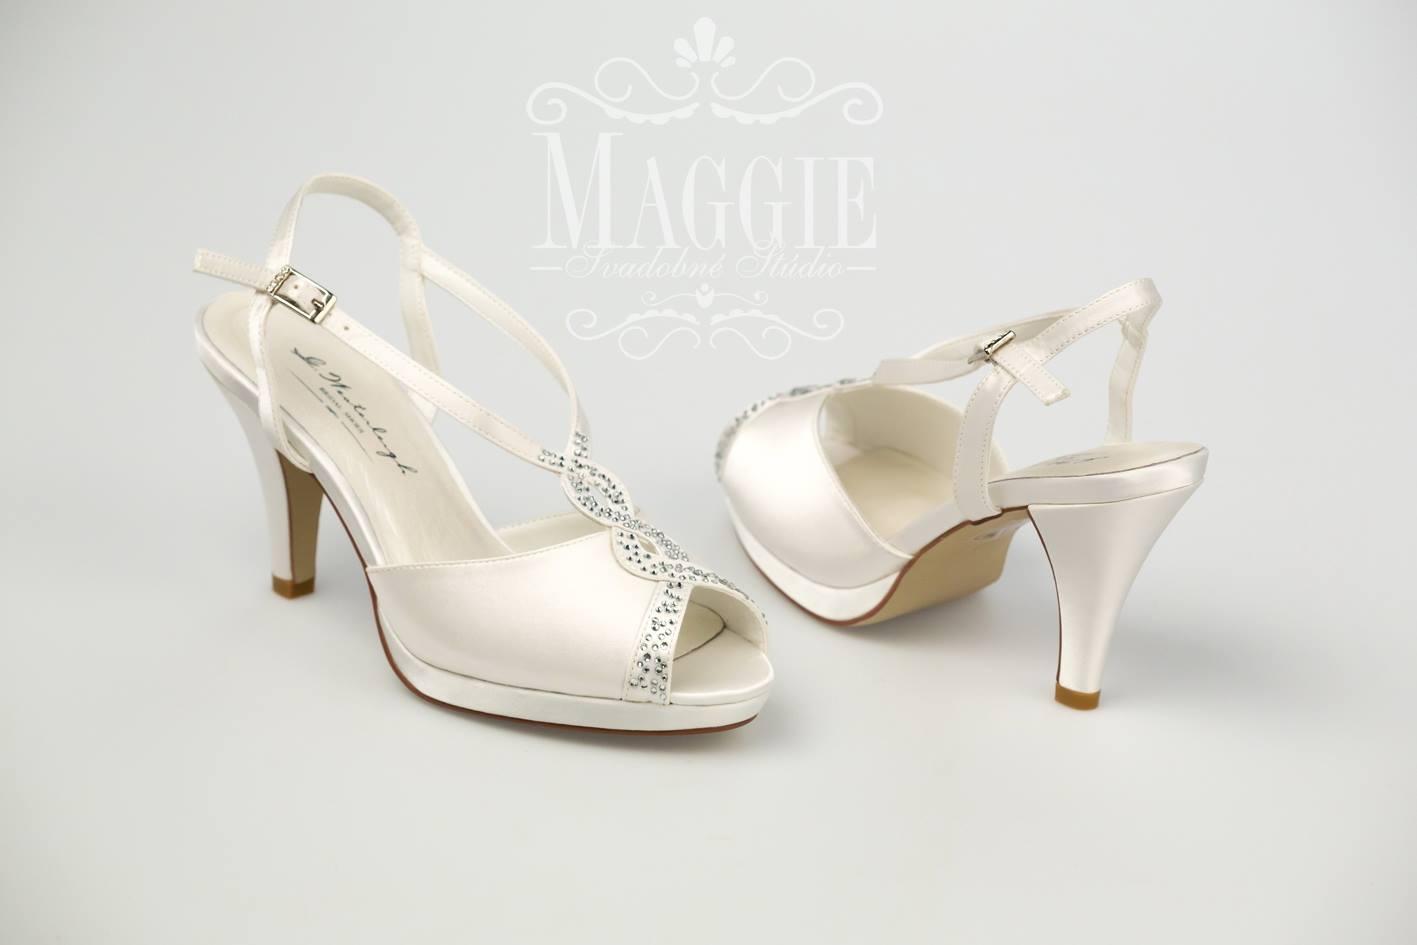 80357e82098f9 Sandálky rebecca biele veľkosť 35 a 37, 37 - 49,90 € | Svadobné shopy |  Mojasvadba.sk